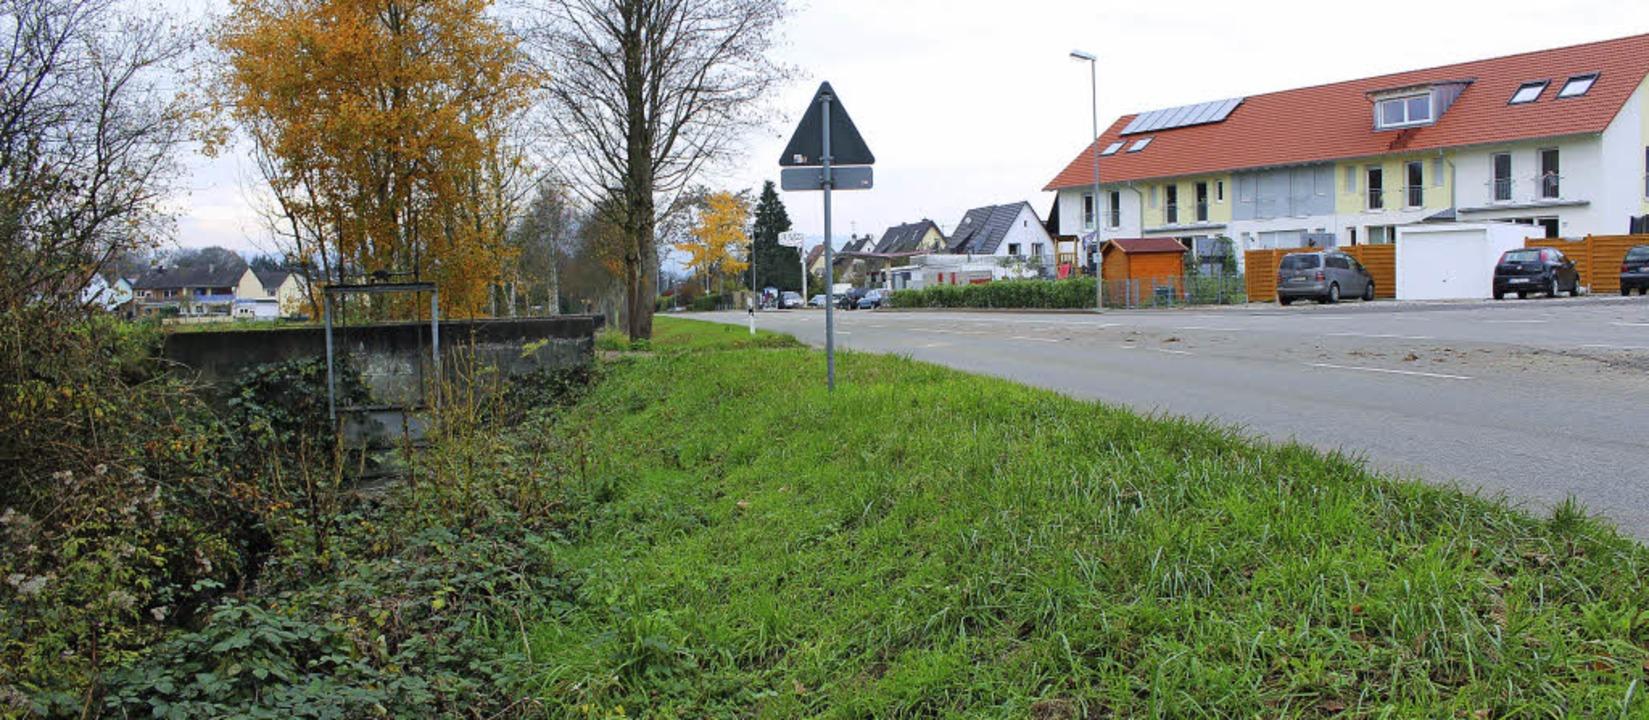 Ein neuralgischer Punkt bei Hochwasser...rkung für das Wohngebiet zu erreichen.  | Foto: mario schöneberg